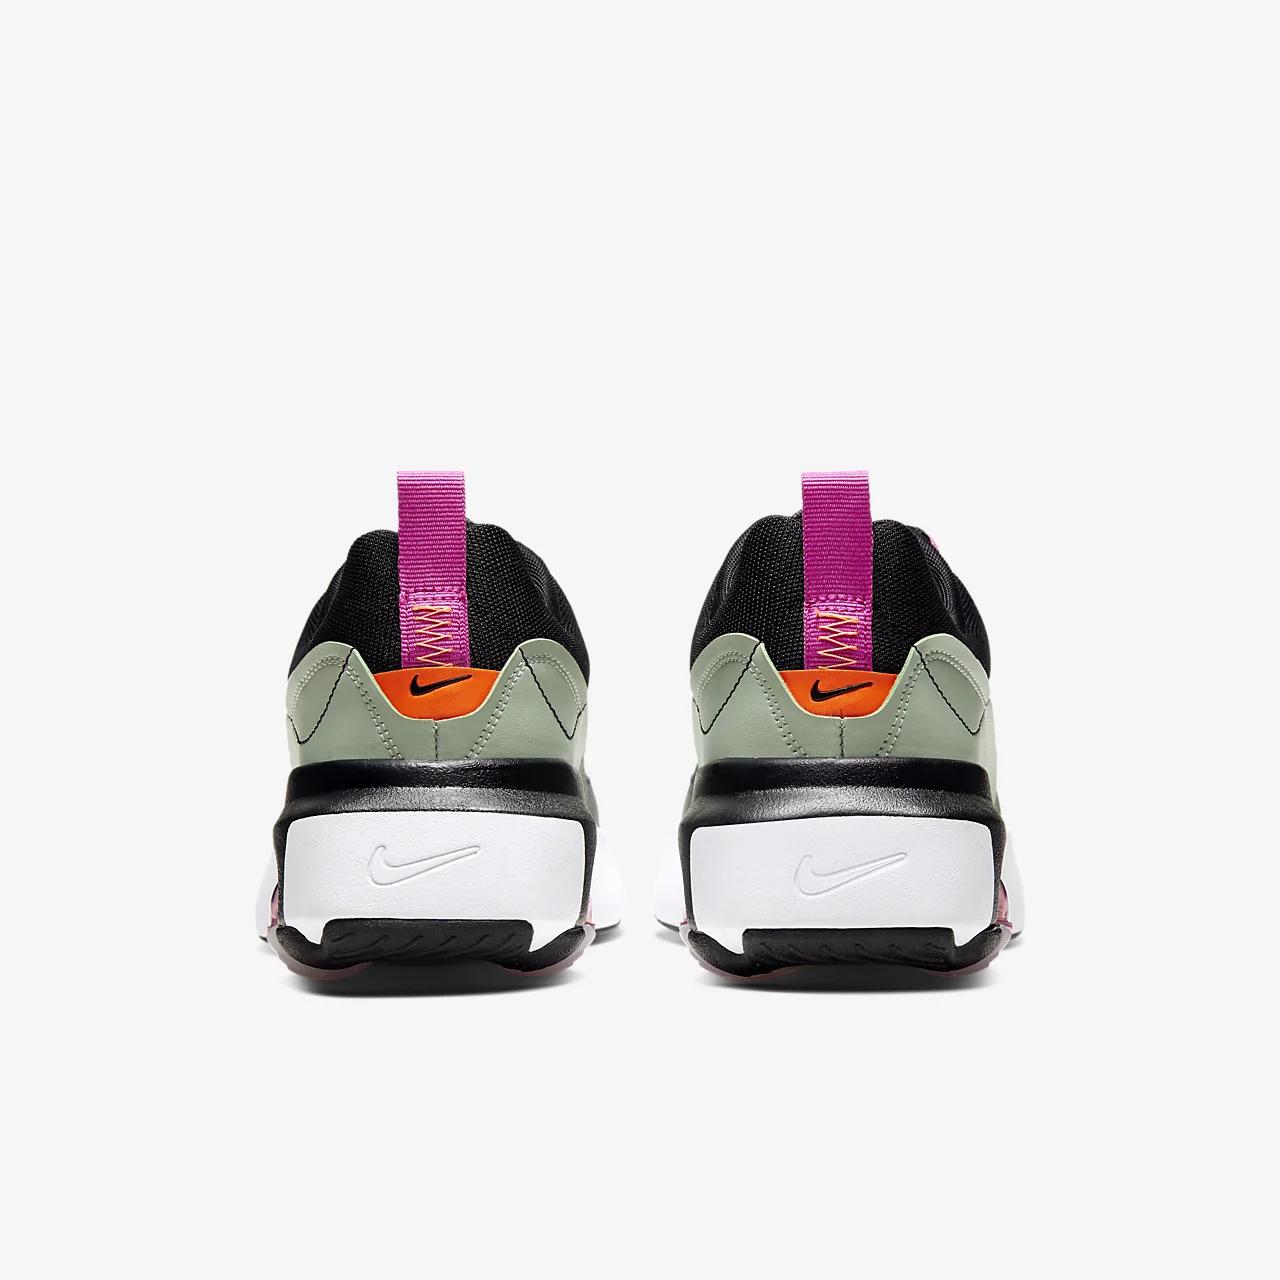 나이키 에어 맥스 베로나 여성 신발 CI9842-001